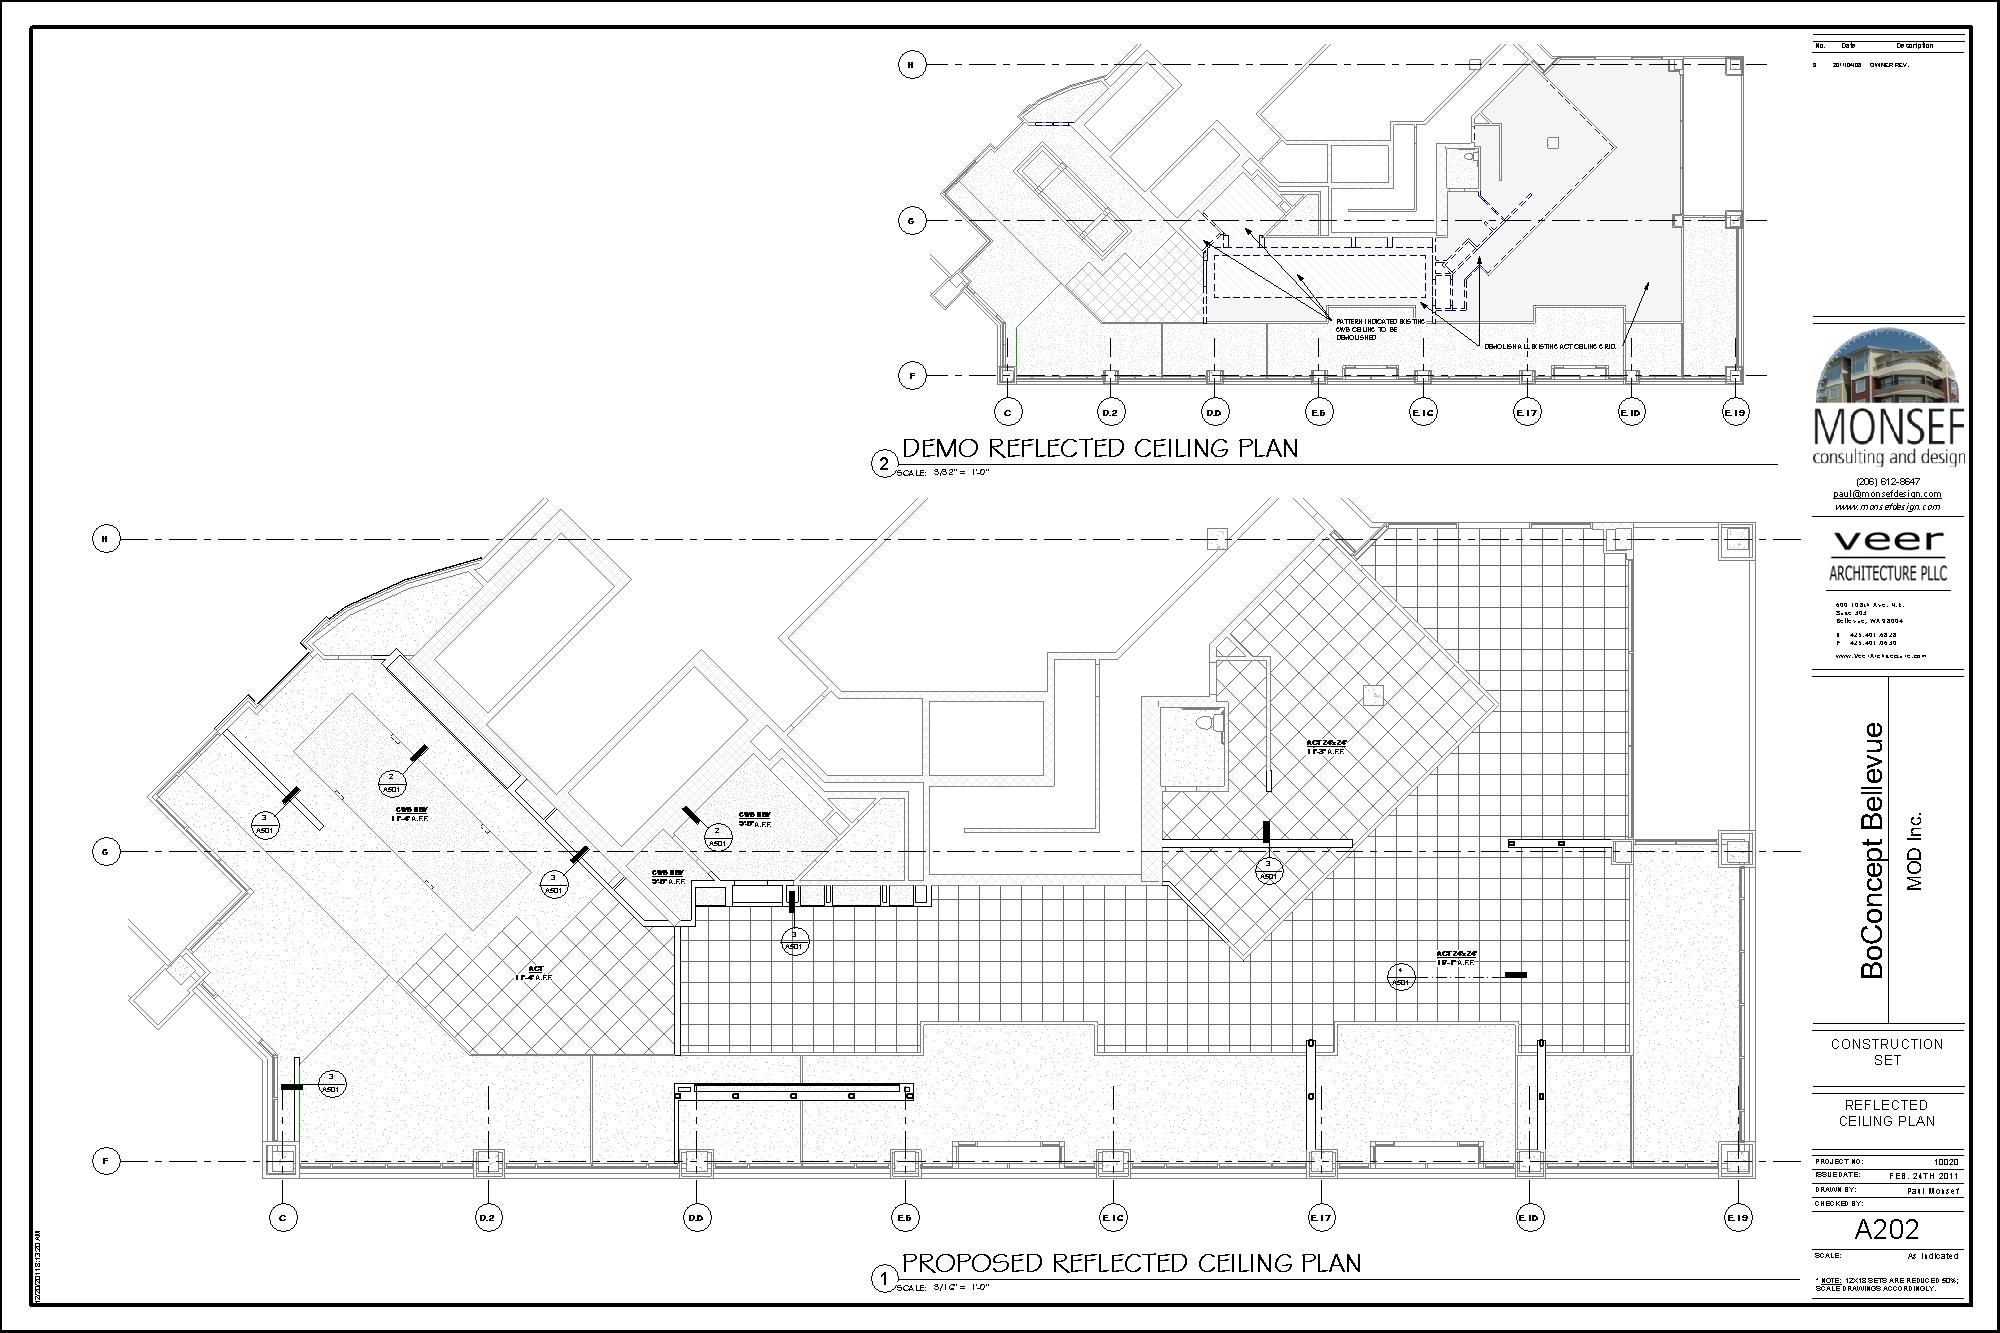 Monsef Donogh Design Groupboconcept Bellevue